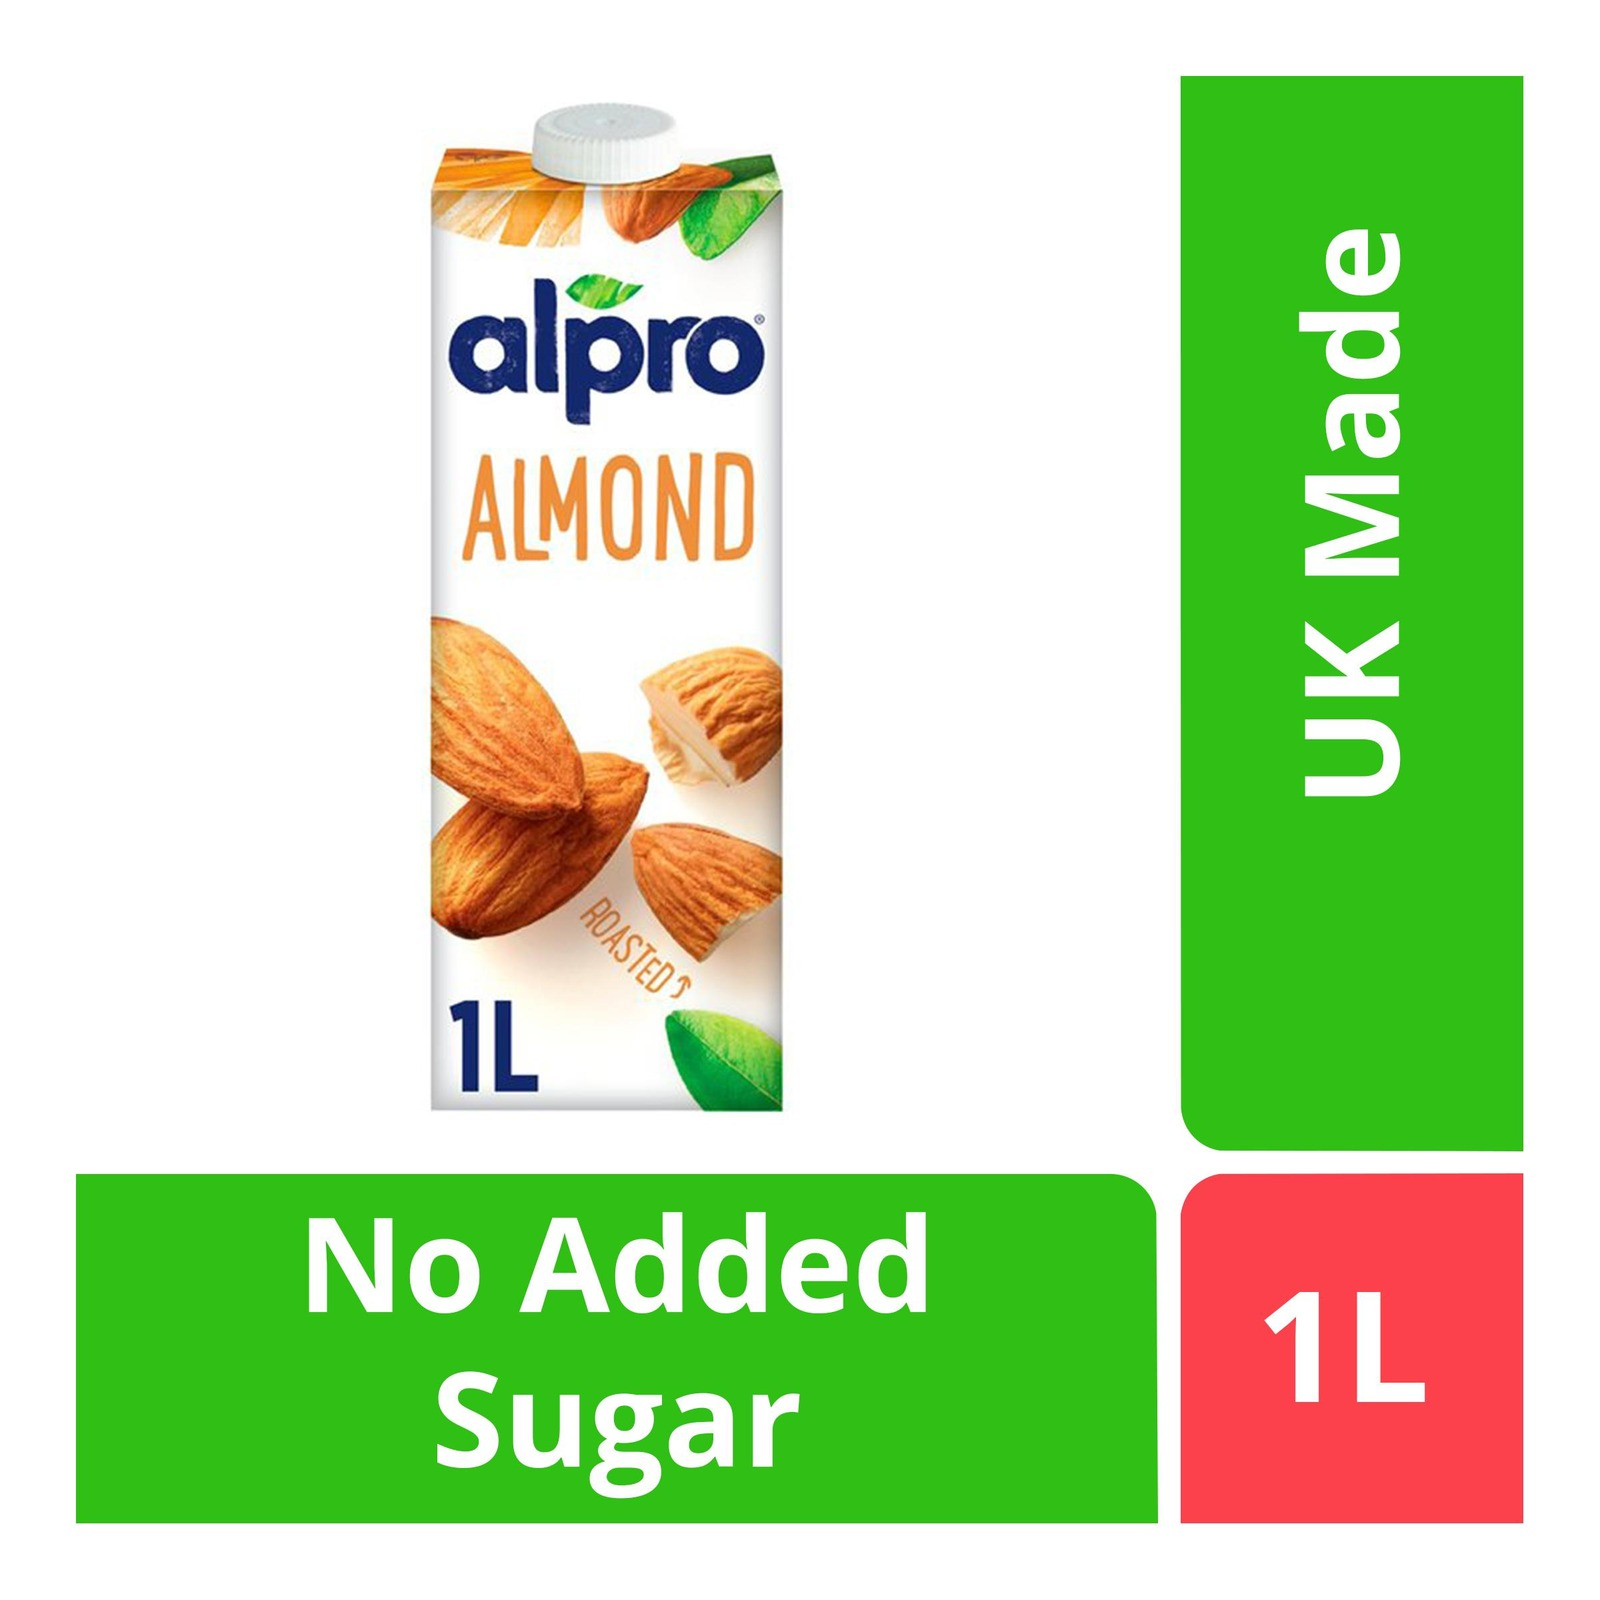 Alpro Almond Milk Original